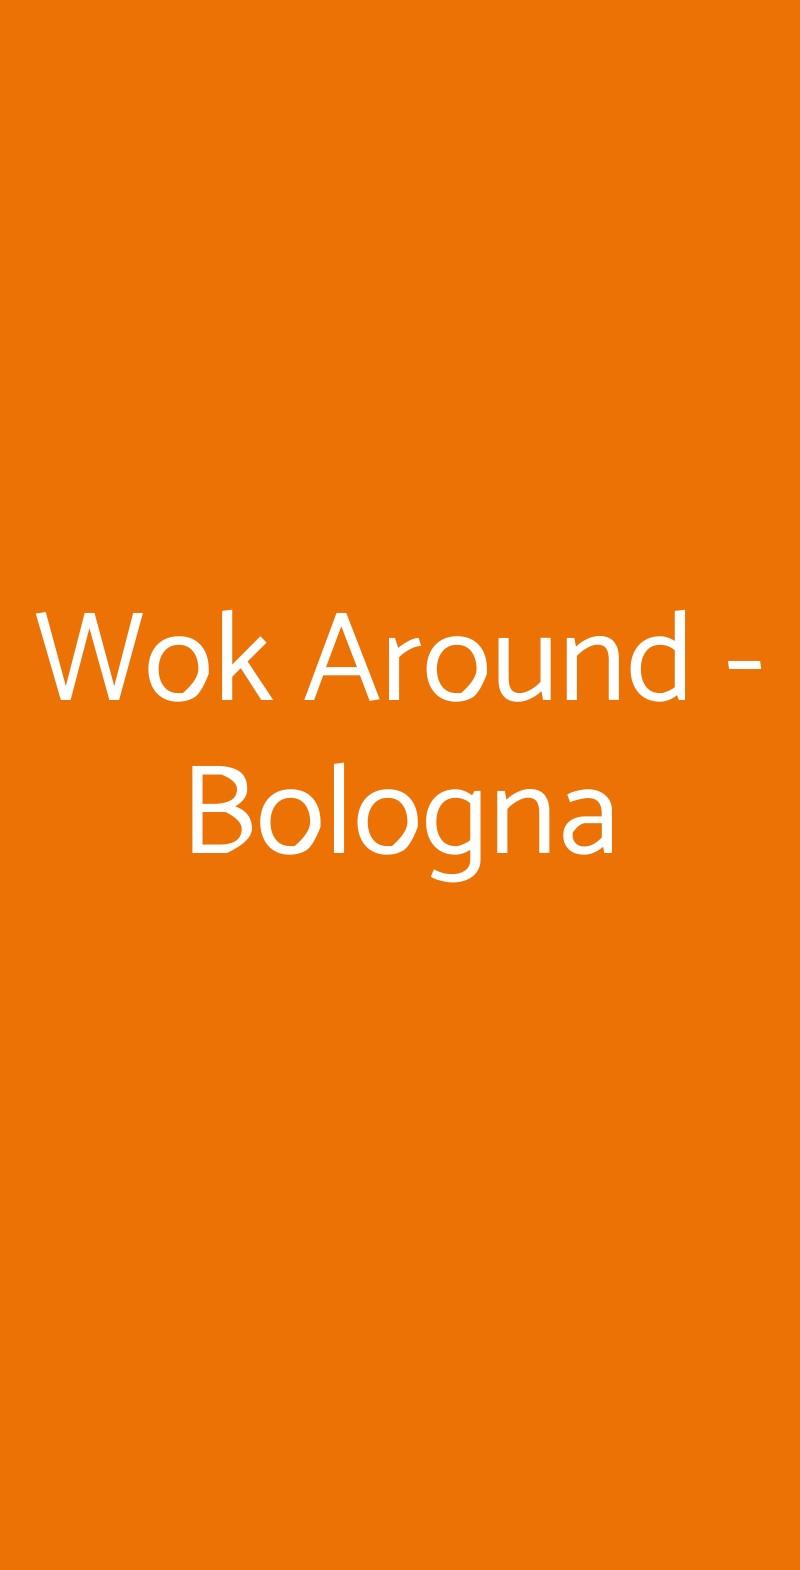 Wok Around Bologna menù 1 pagina